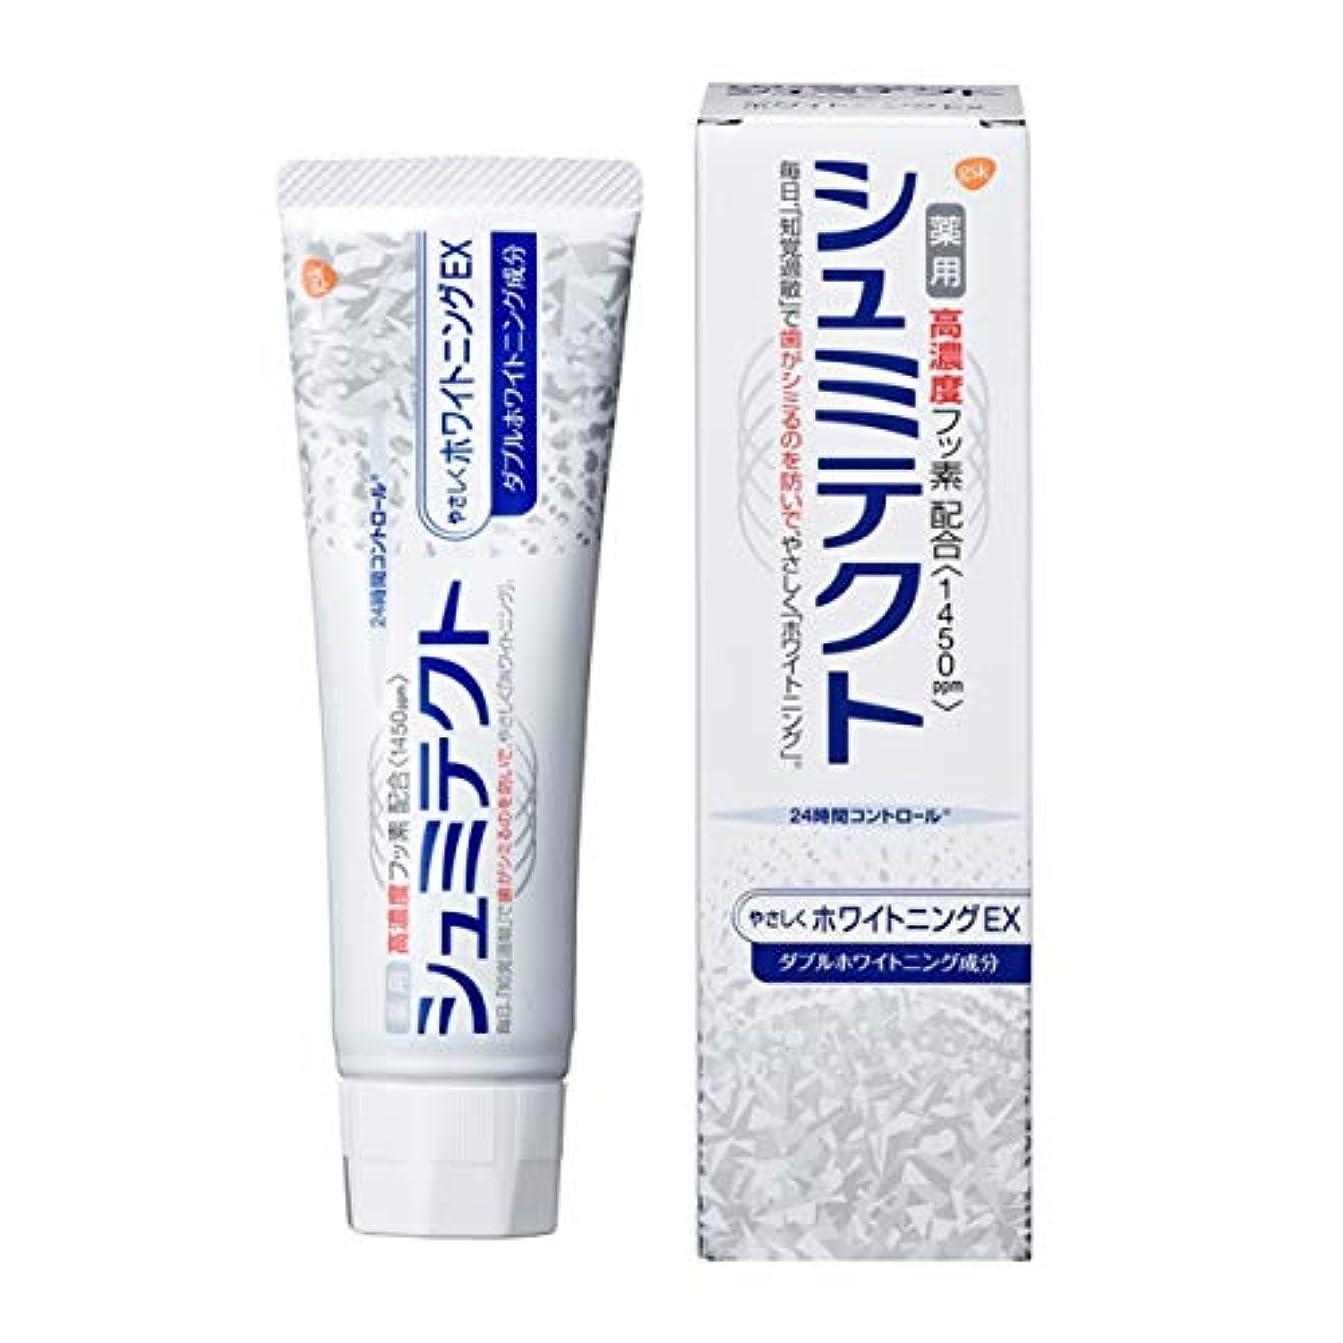 研究威信定規薬用シュミテクト やさしくホワイトニングEX 高濃度フッ素配合 <1450ppm> 知覚過敏予防 歯磨き粉 90g